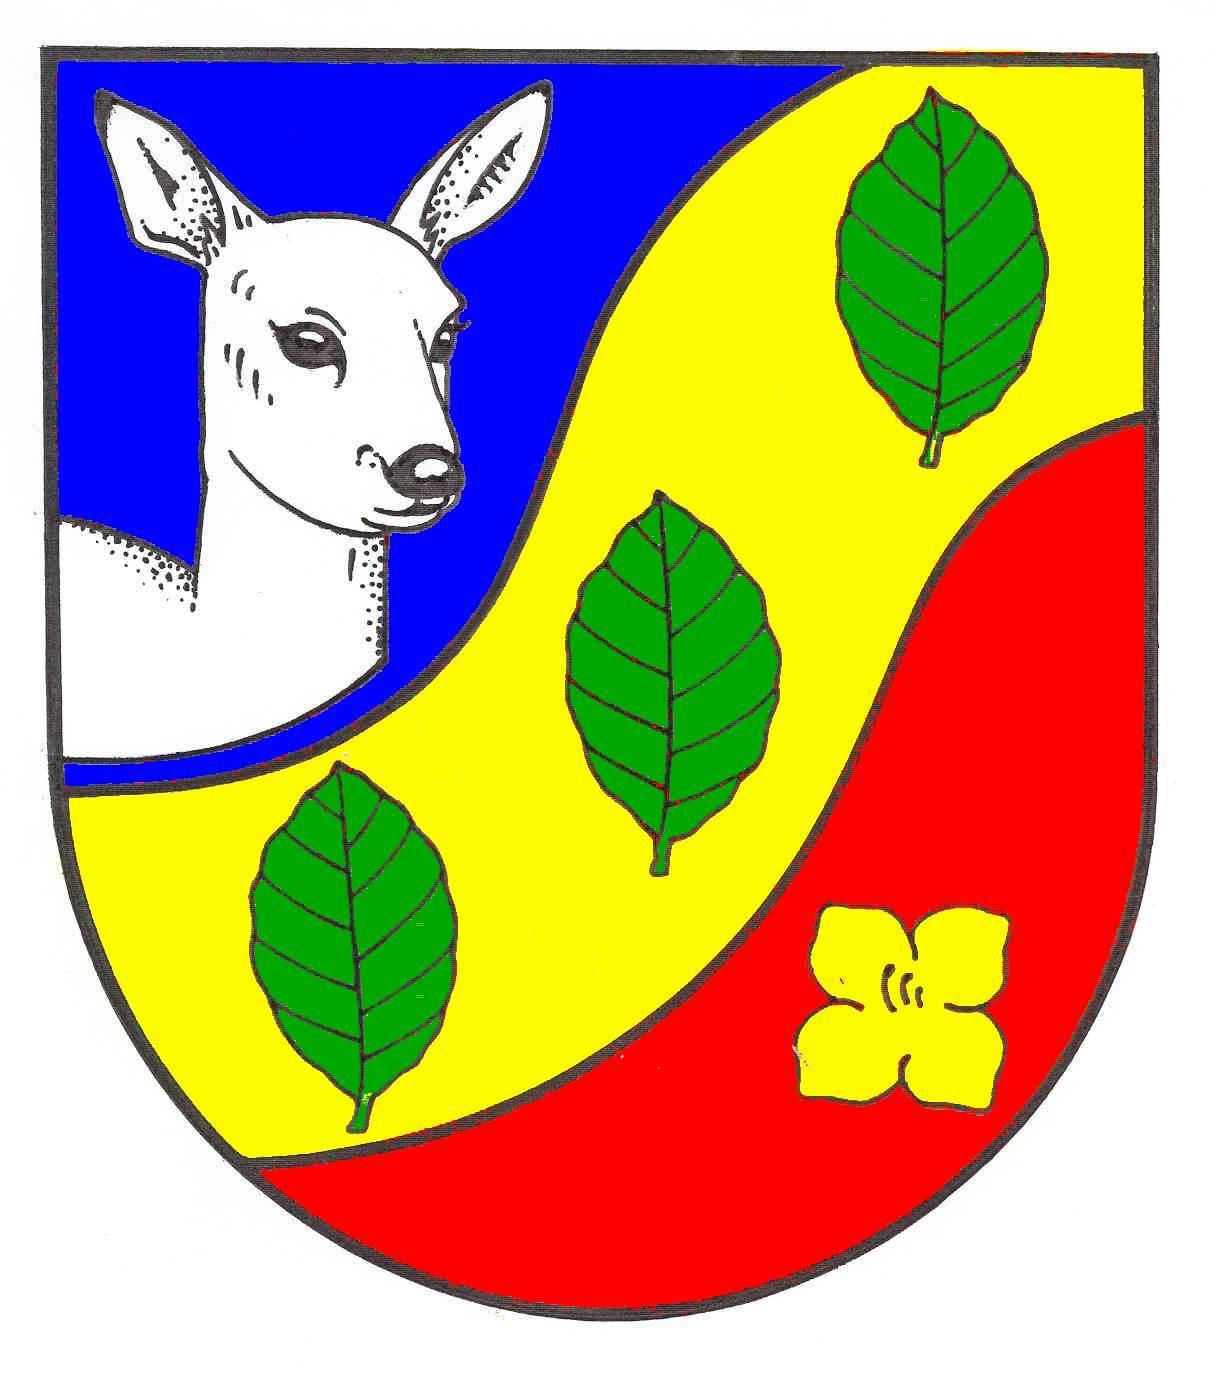 Wappen GemeindeRehhorst, Kreis Stormarn